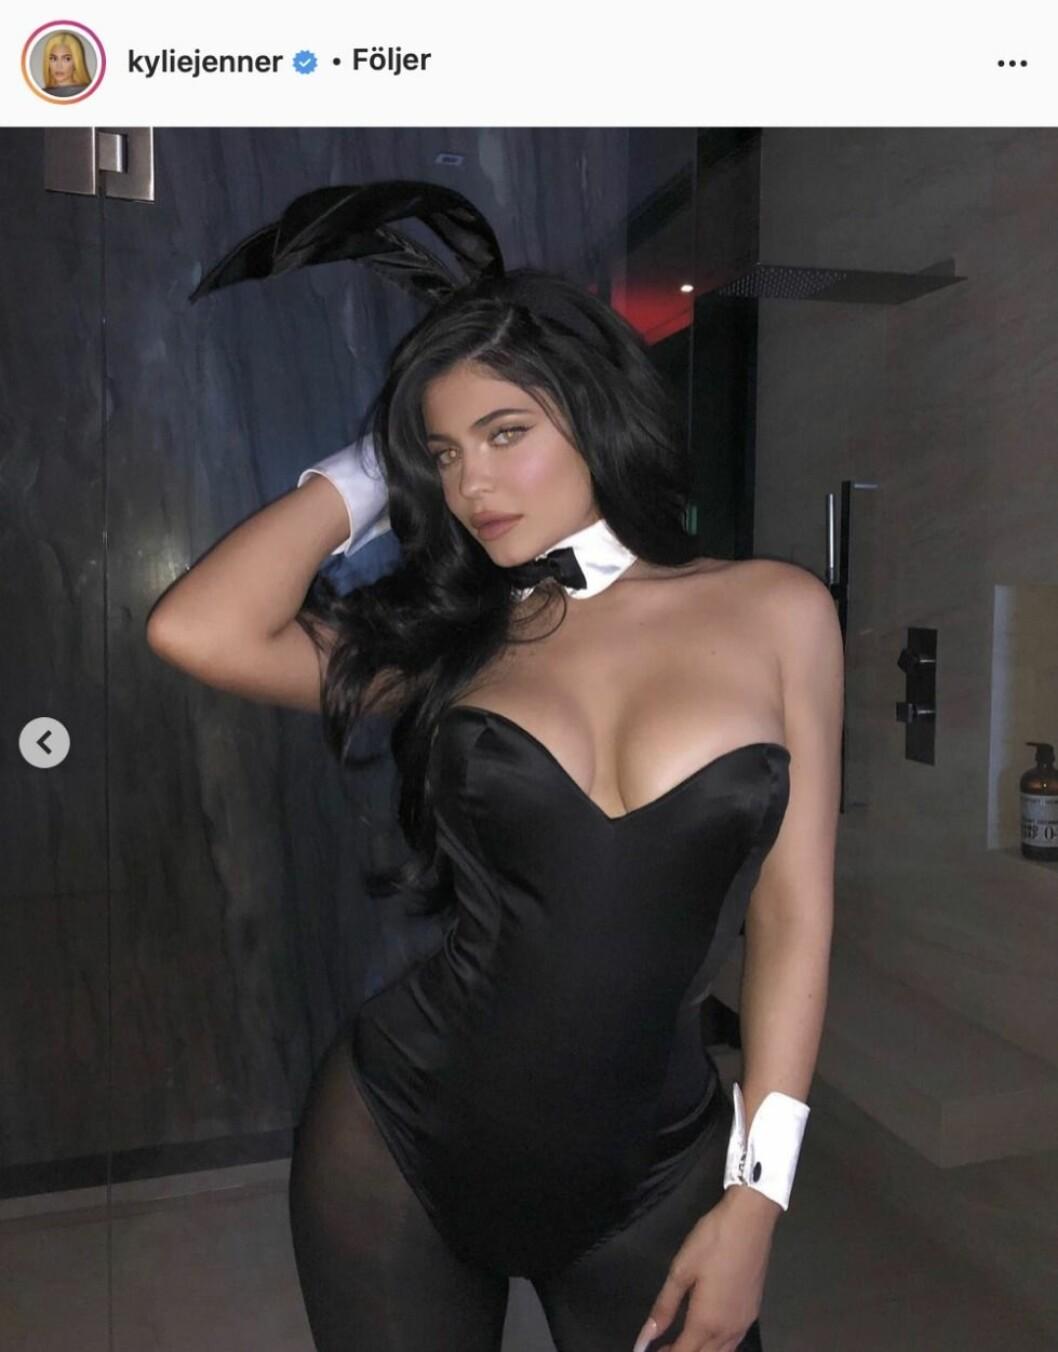 Kylie Jenner som playboy bunny